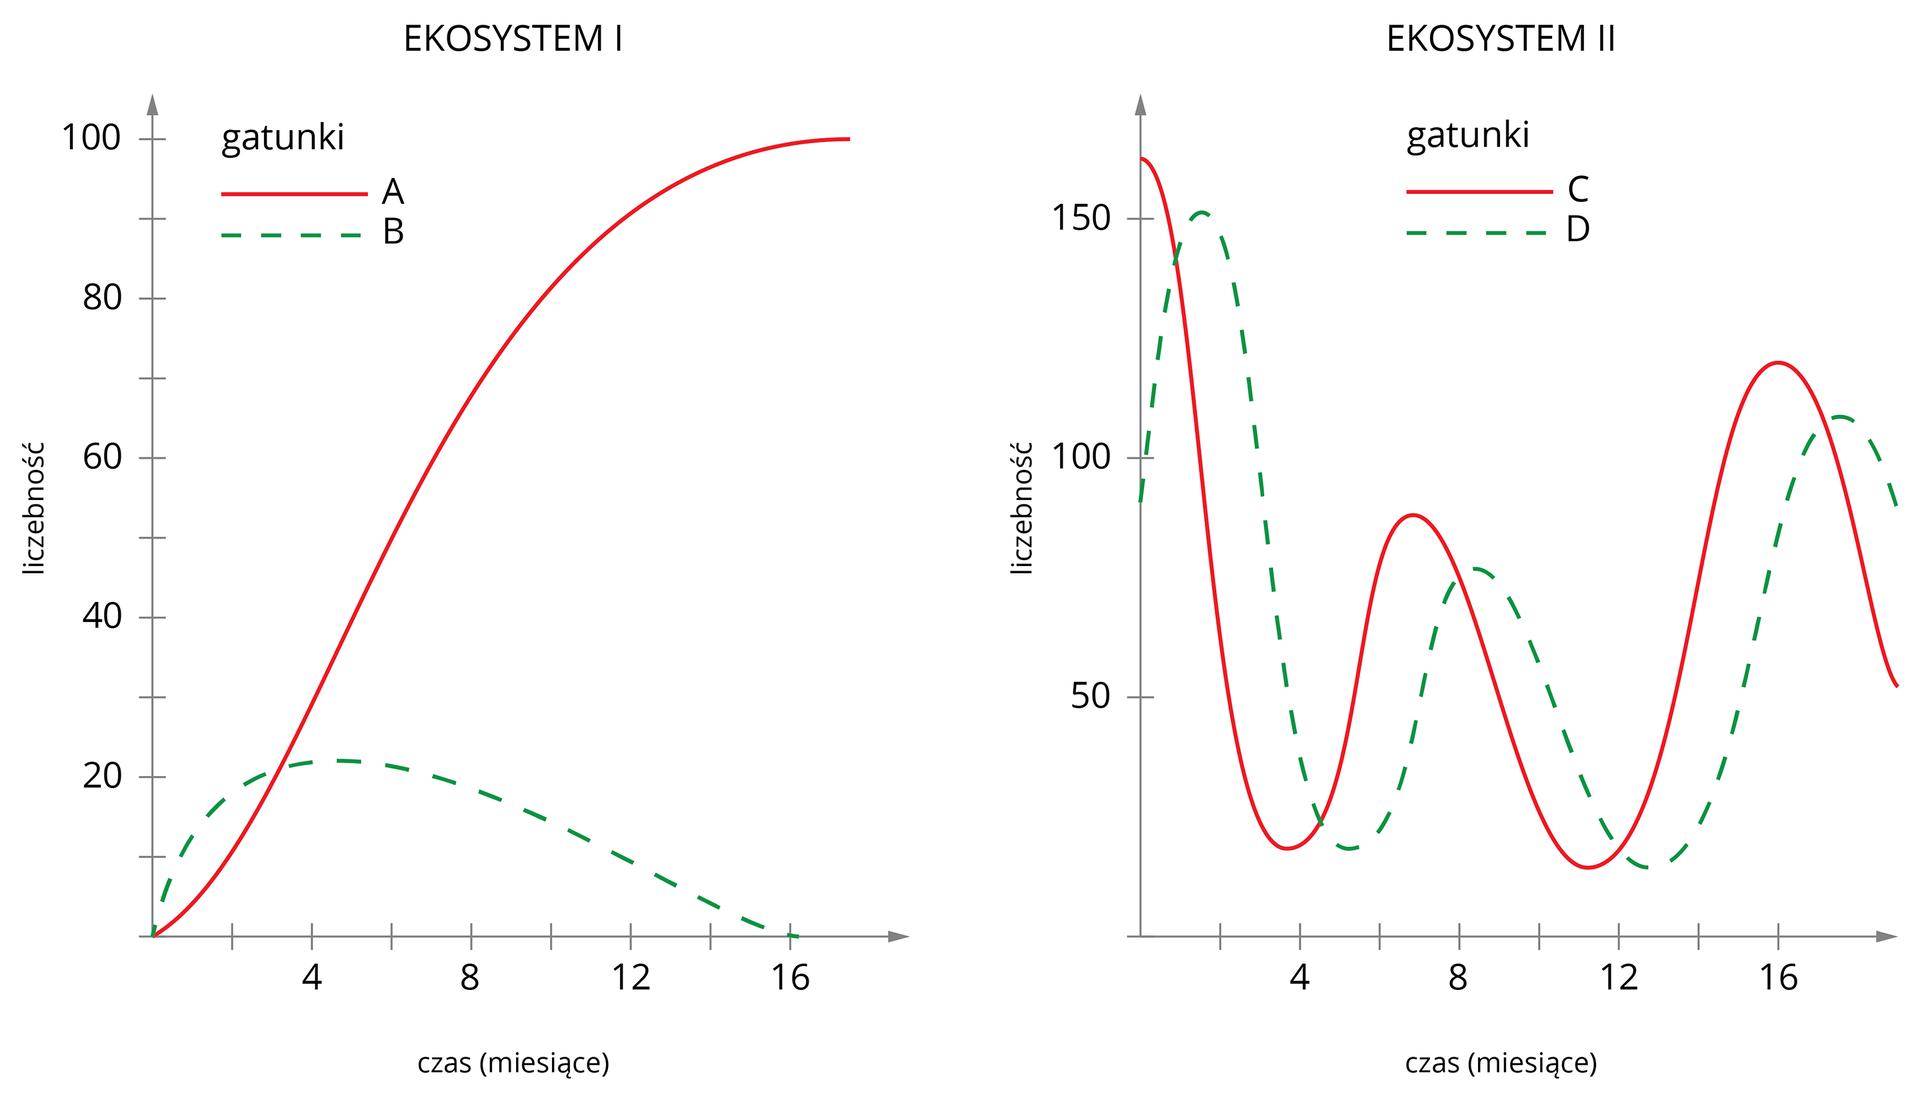 Dwa wykresy: zmiany liczebności gatunków wdwóch ekosystemach. W1. przypadku konkurencja doprowadza do wyginiecia jednego zgatunku. Wdrugim przypadku liczebność drapieżników cyklicznie się zmienia.